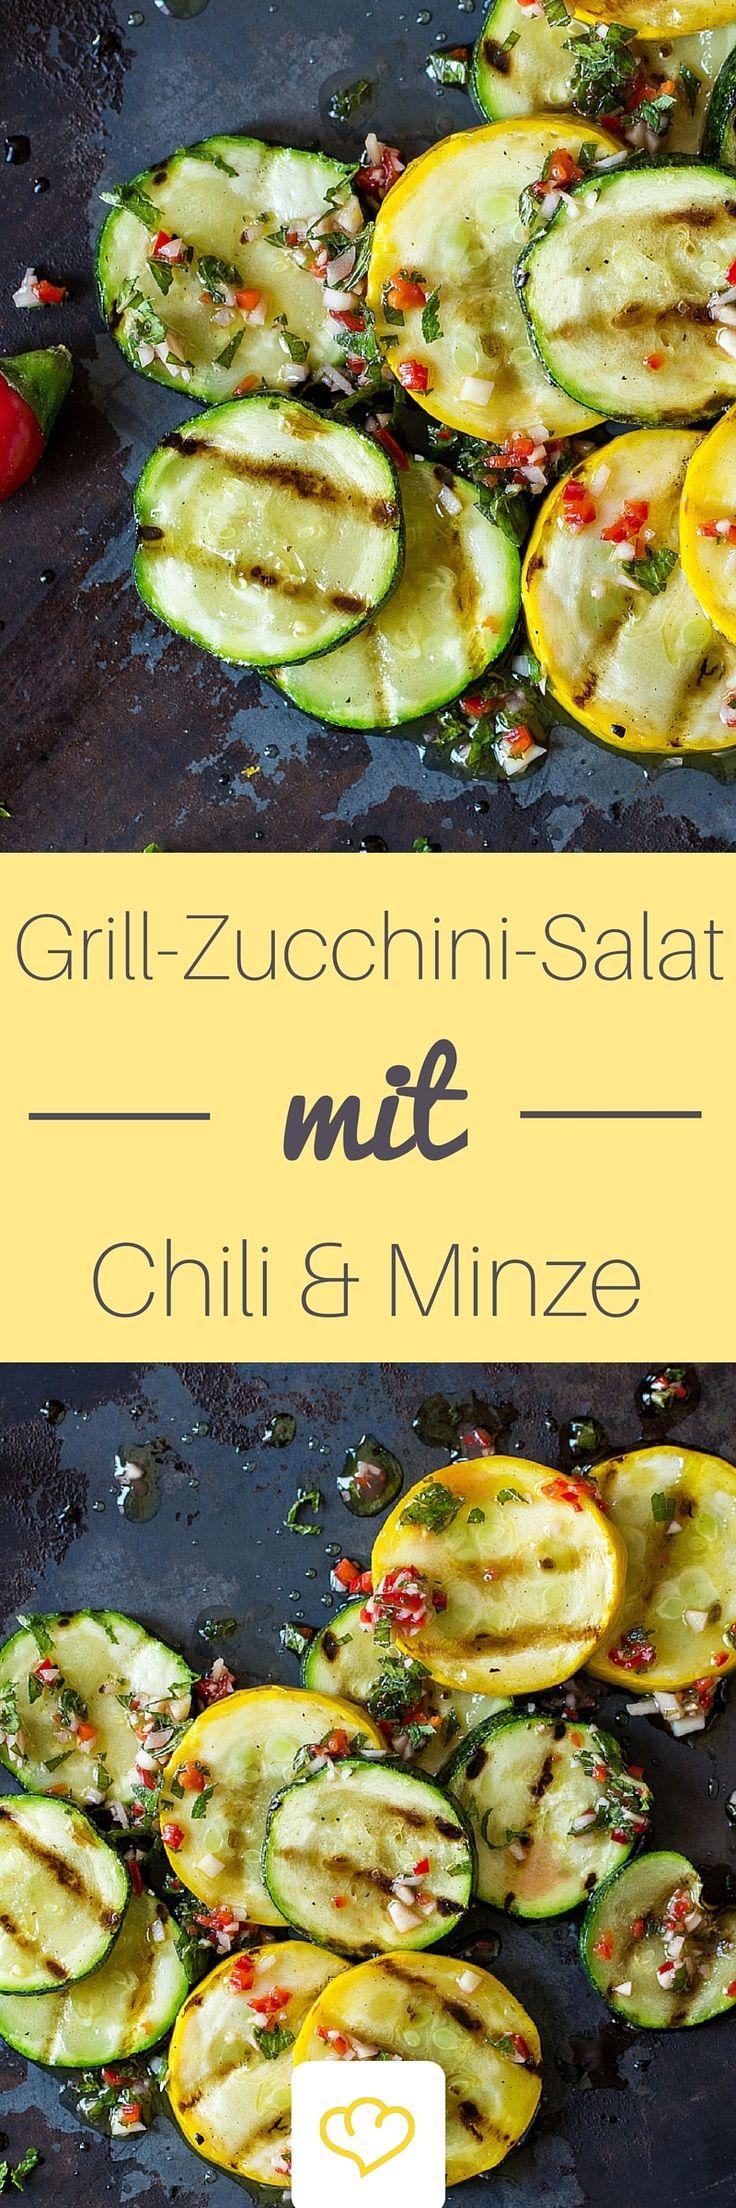 Zucchini-Fans wissen: Mit dem mediterranen Gemüse lässt sich – von Zoodles bis Zucchini-Chips – so einiges anstellen. Gegrillt und mit Chili, Minze und einem frischen, leichten Dressing vermischt, macht die Zucchini auch als Sommersalat eine gute Figur und ist bei jedem BBQ ein gern gesehener Gast.